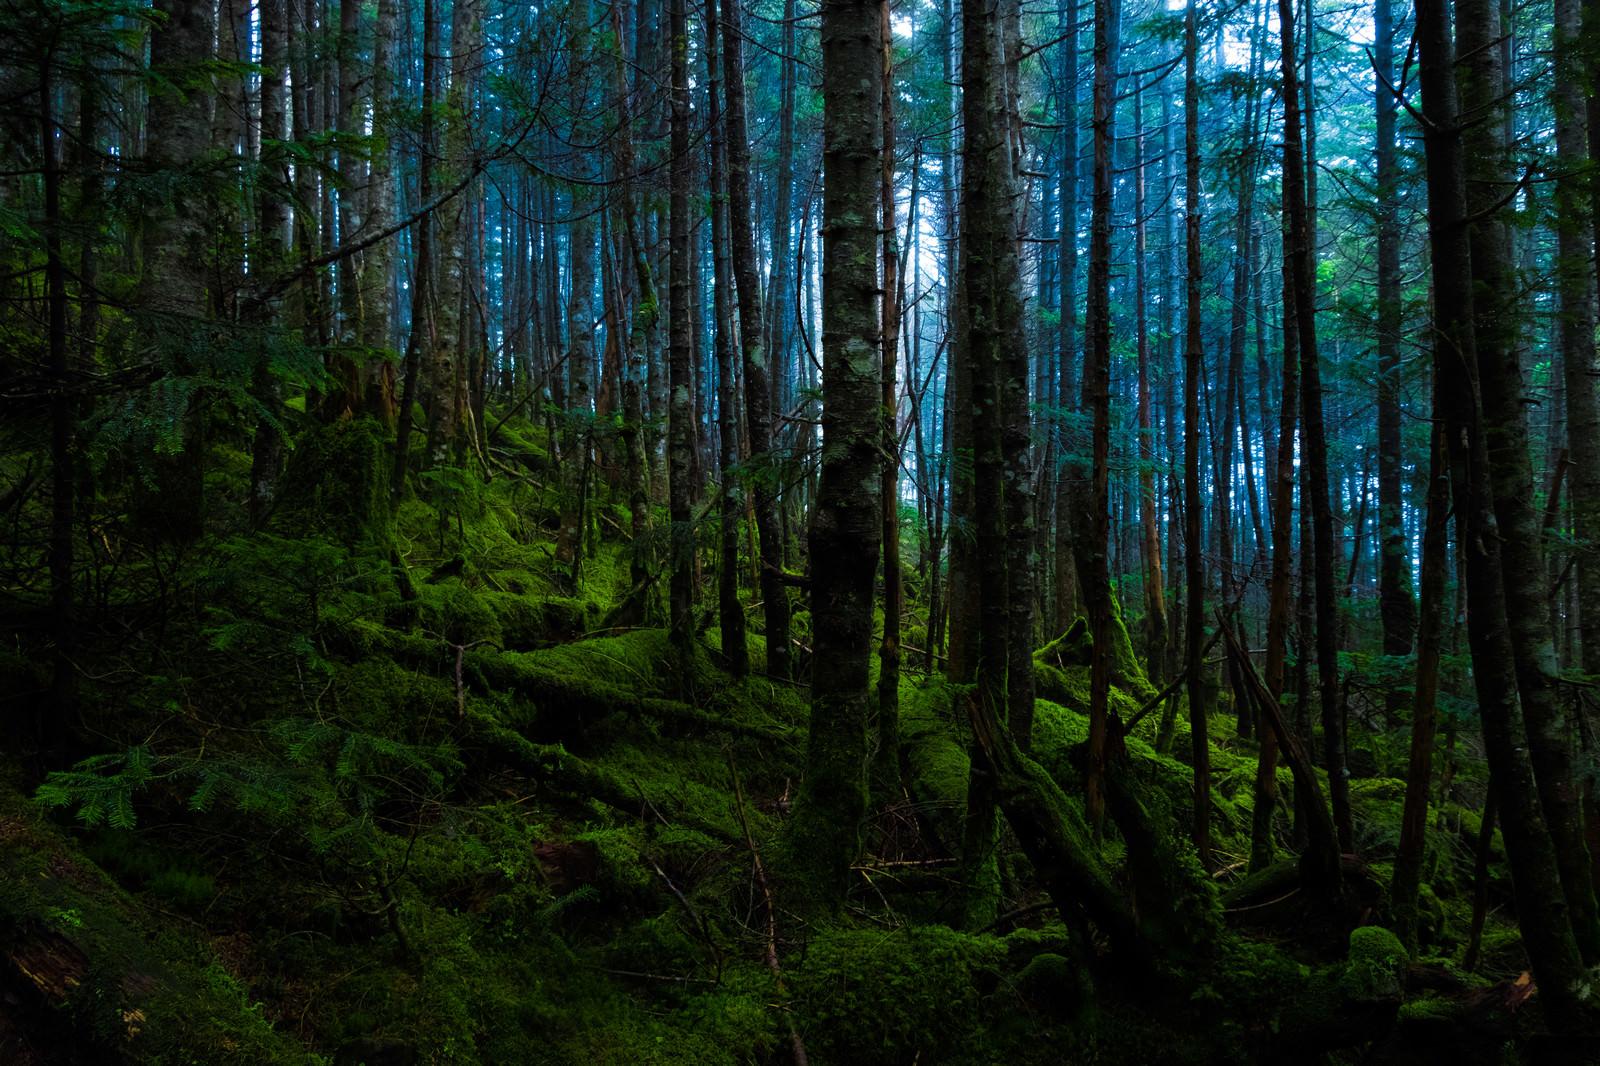 「神秘的な白駒の原生林神秘的な白駒の原生林」のフリー写真素材を拡大